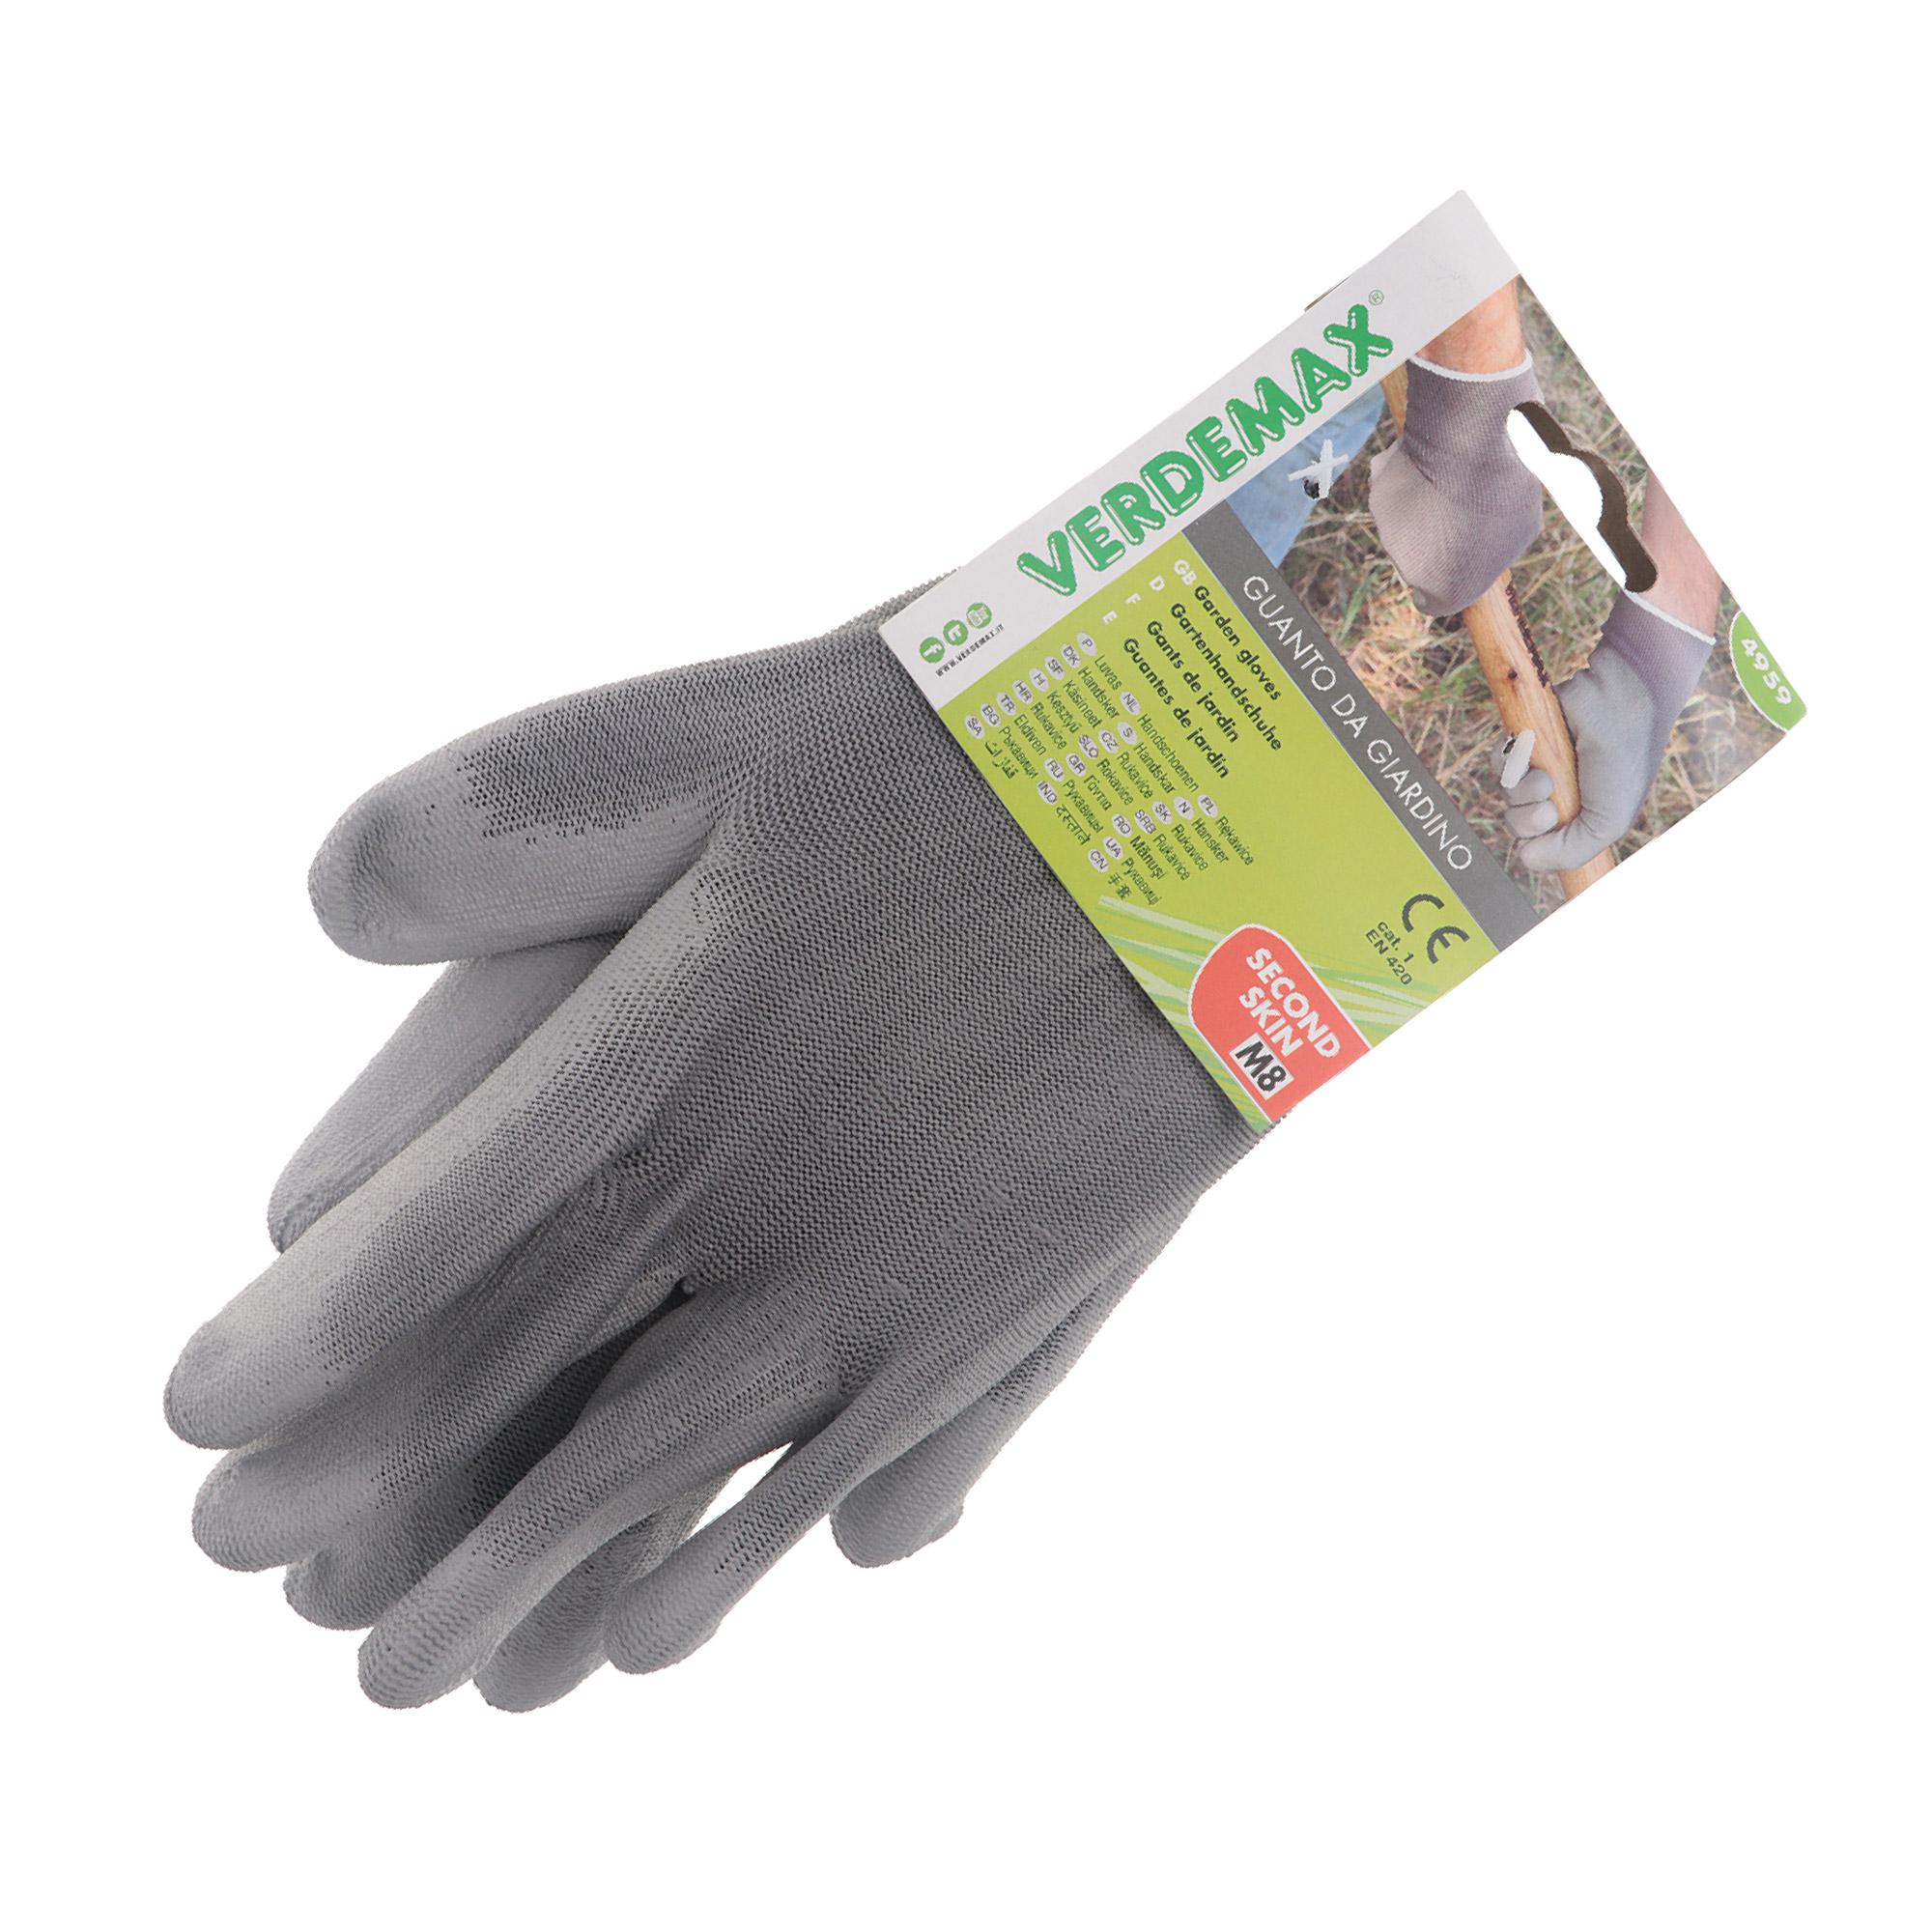 Фото - Перчатки садовые Verdemax серые XL перчатки садовые verdemax серо зеленые m